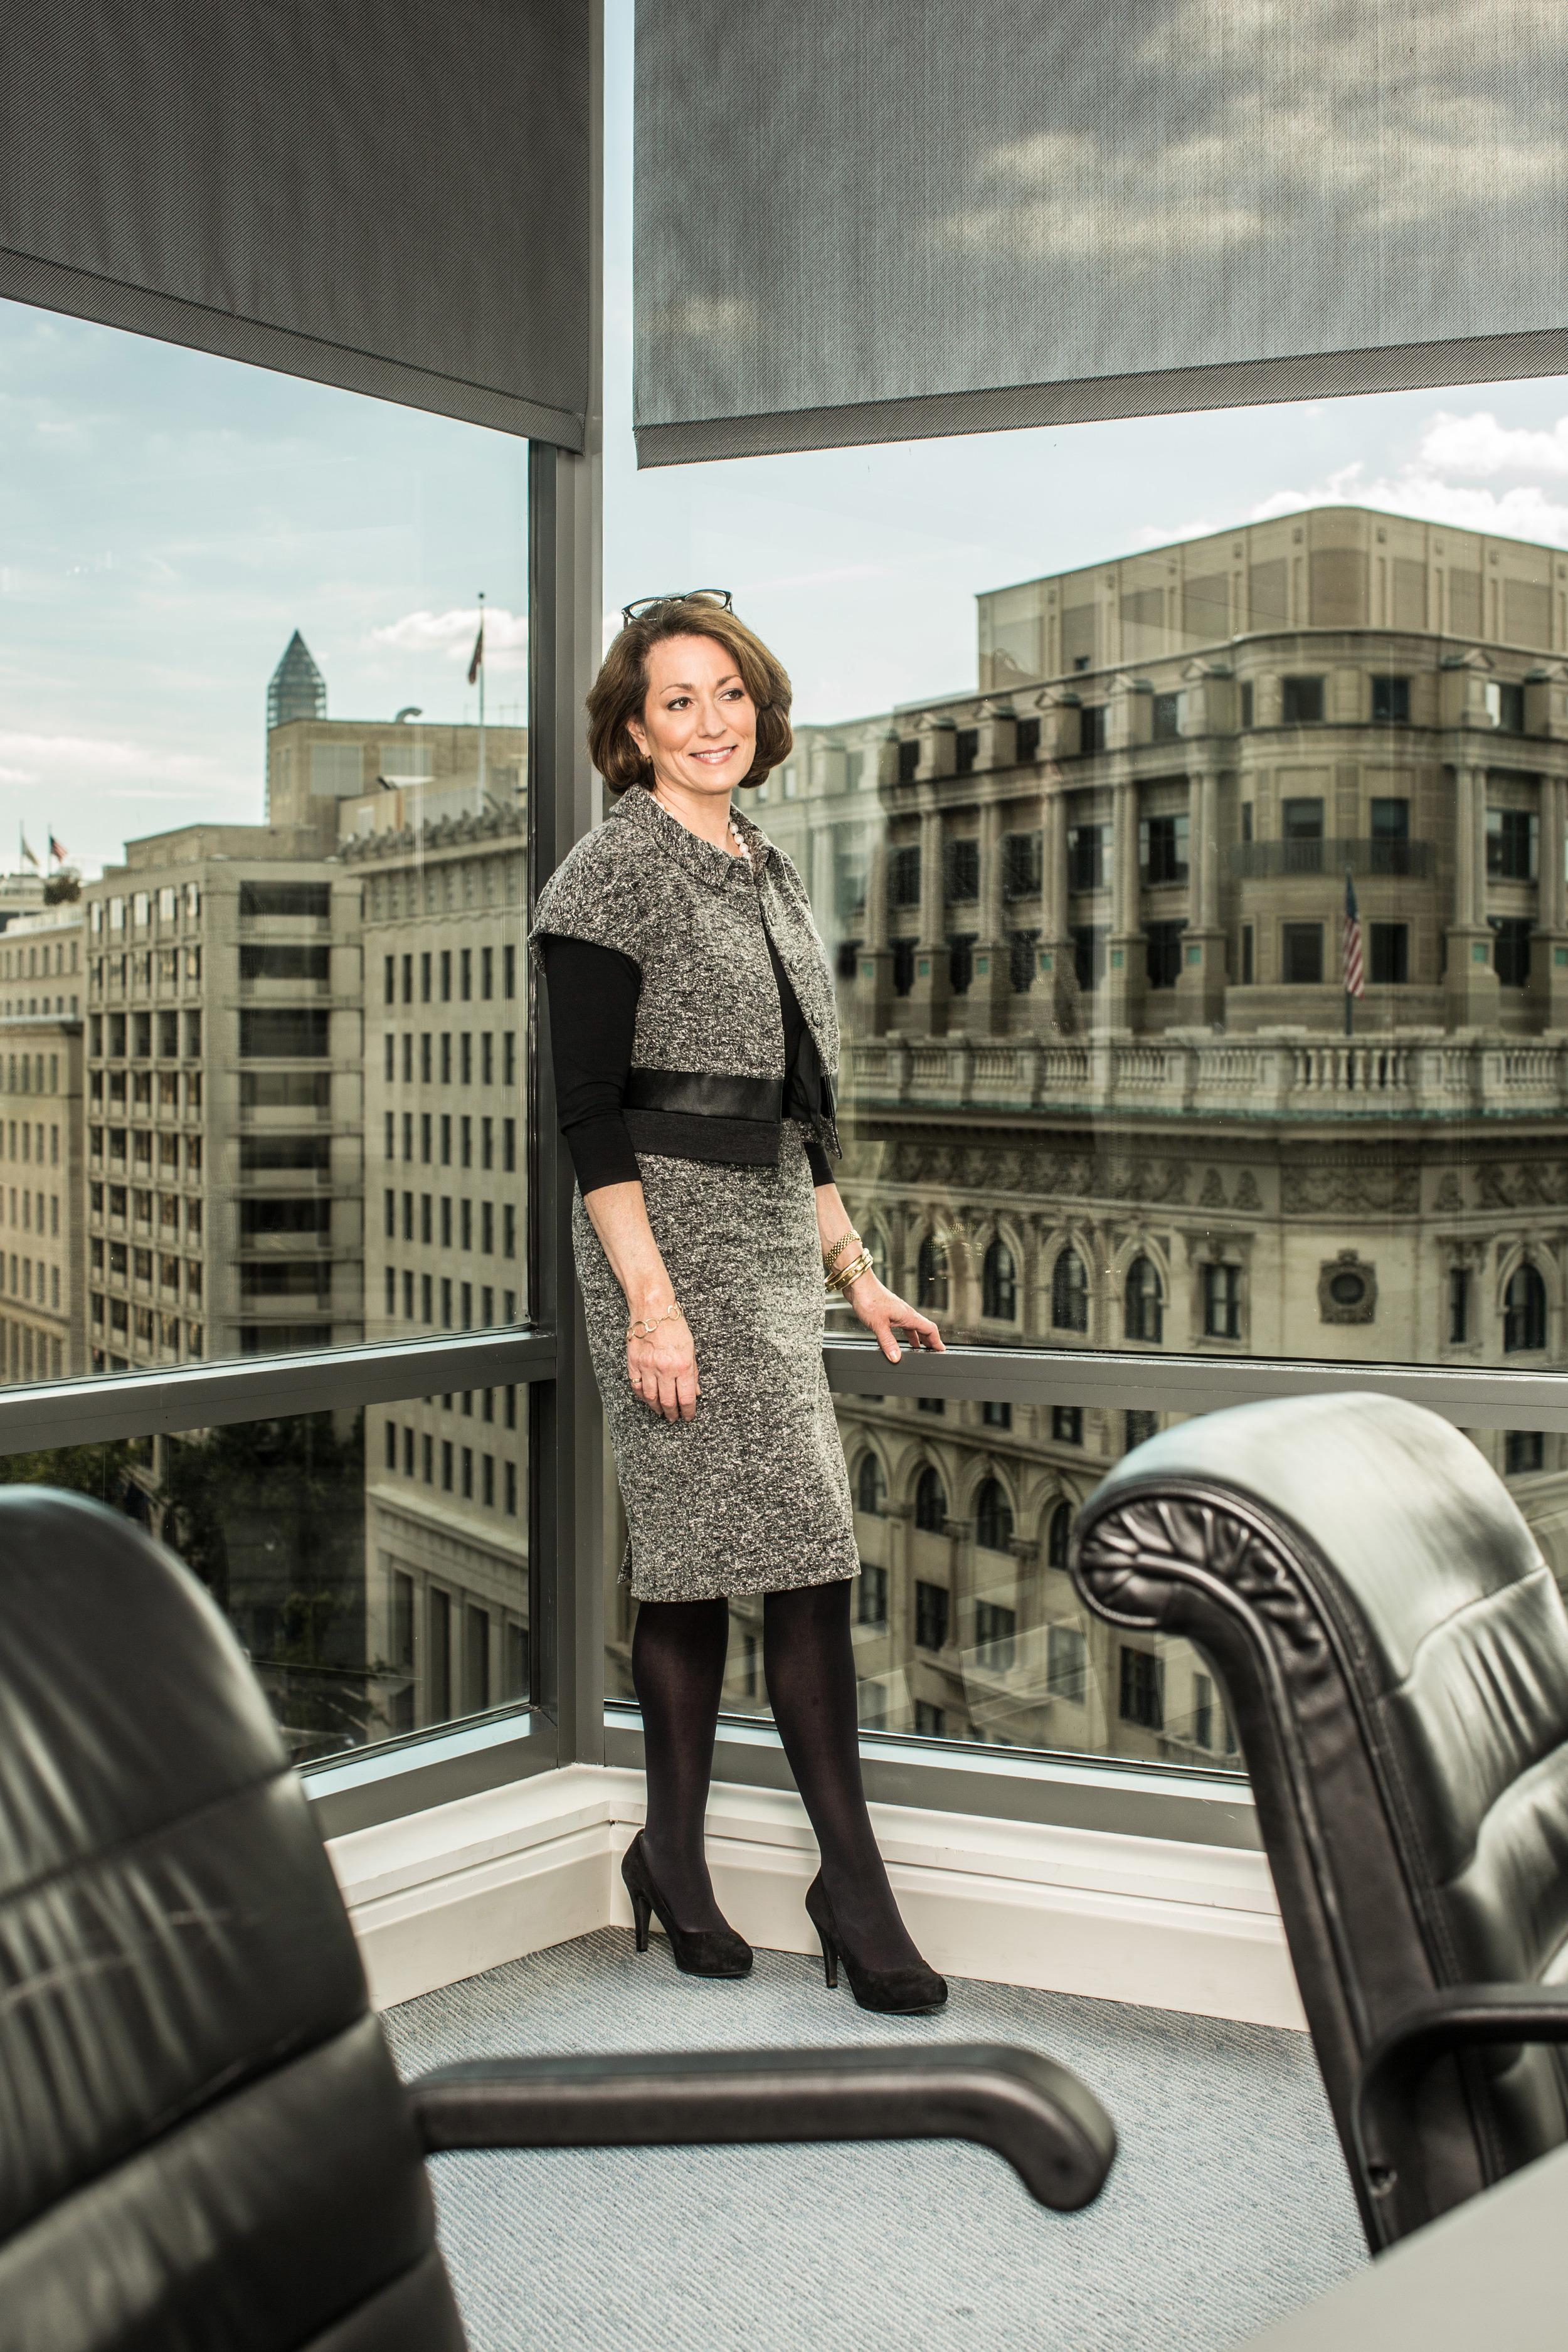 Bloomberg News Executive Editor Susan Goldberg